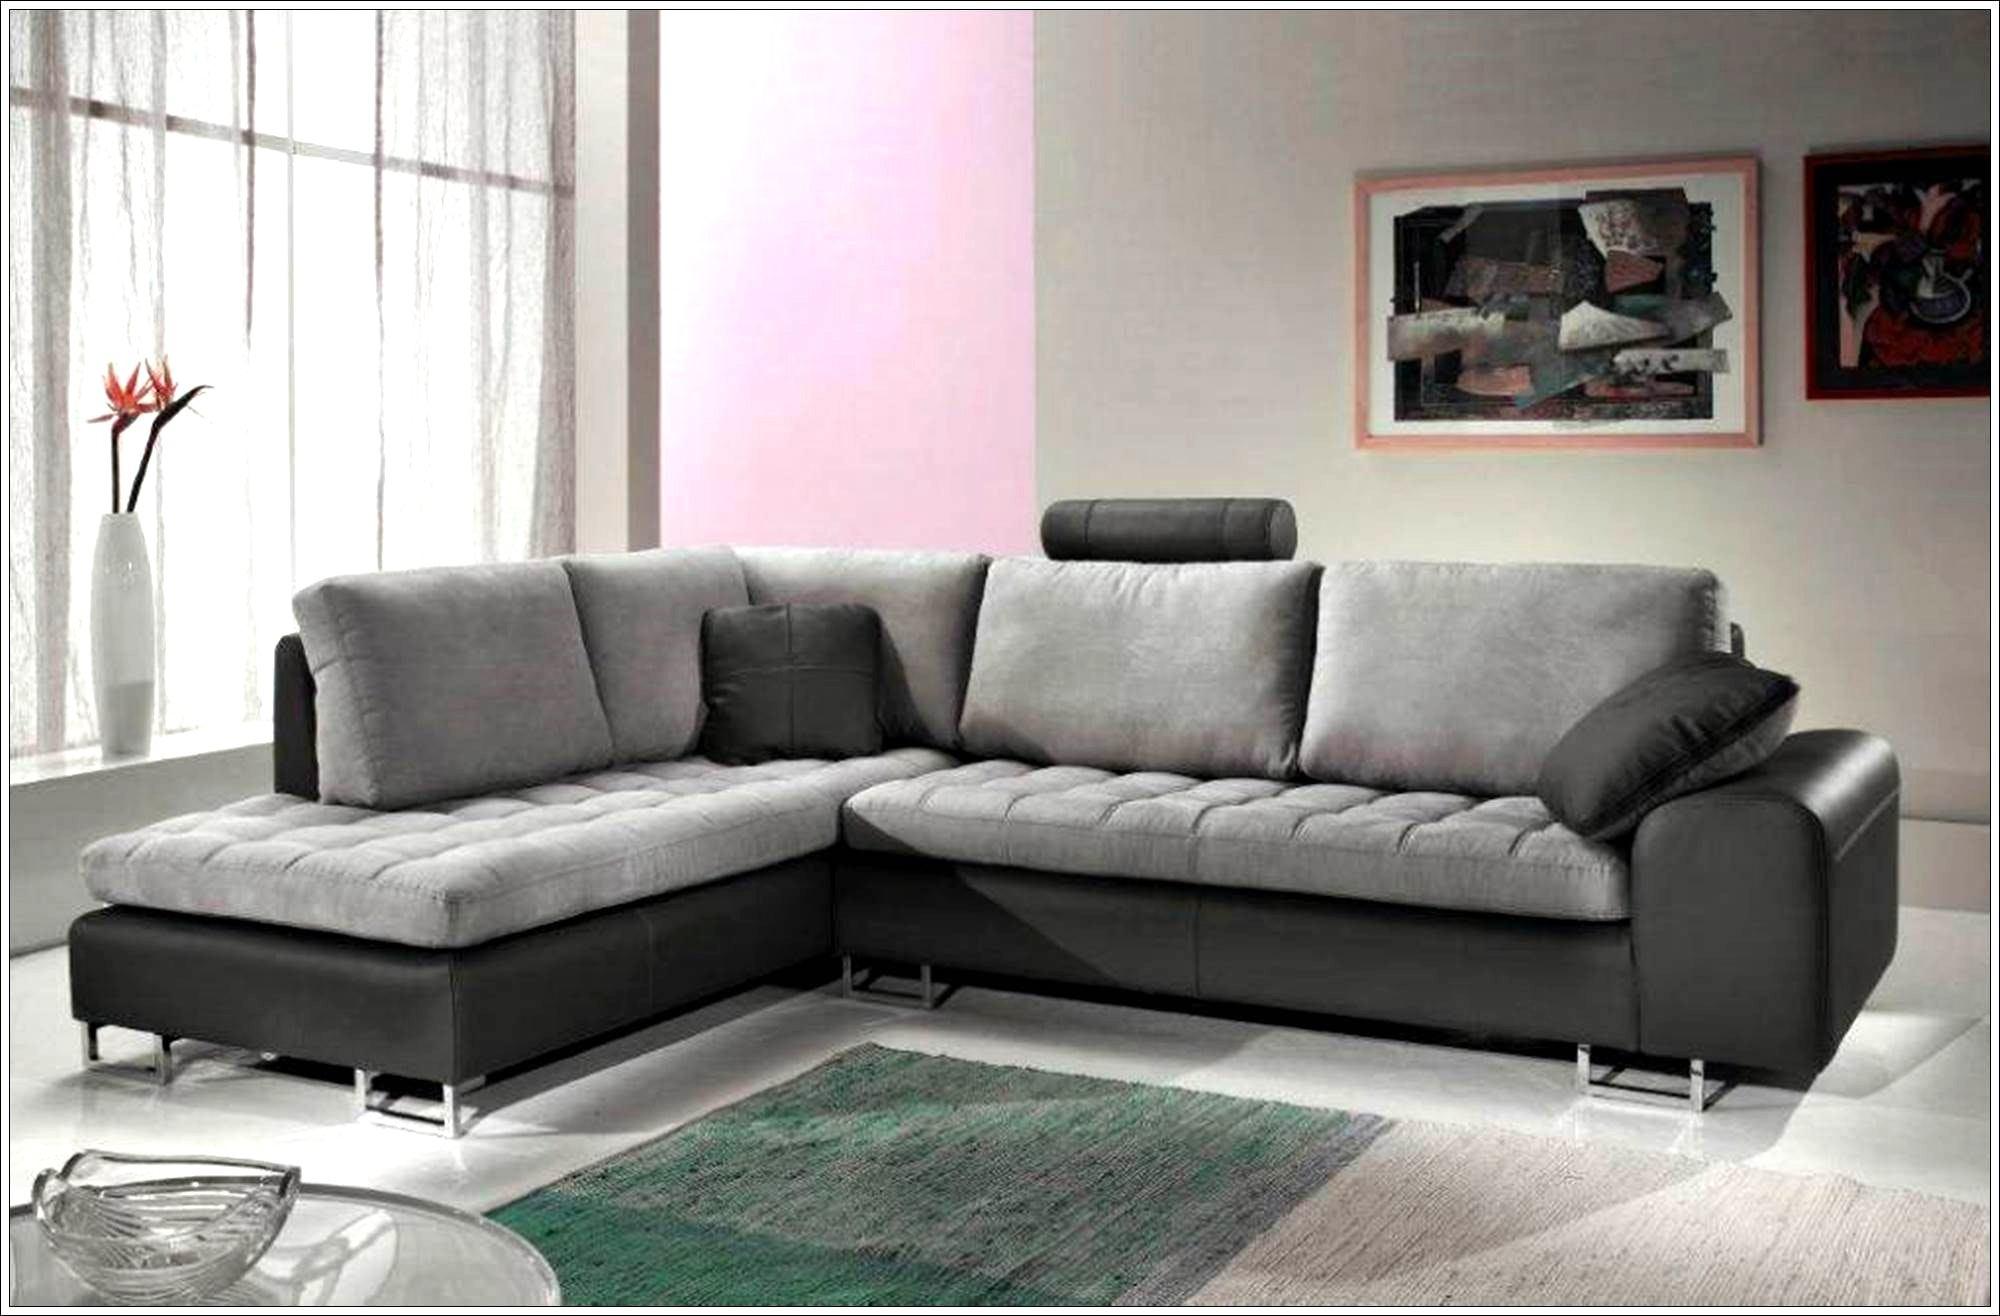 Canapé Relax Electrique Pas Cher Inspirant Images Incroyable Canapé Gris Design Décor  La Maison Et Intérieur